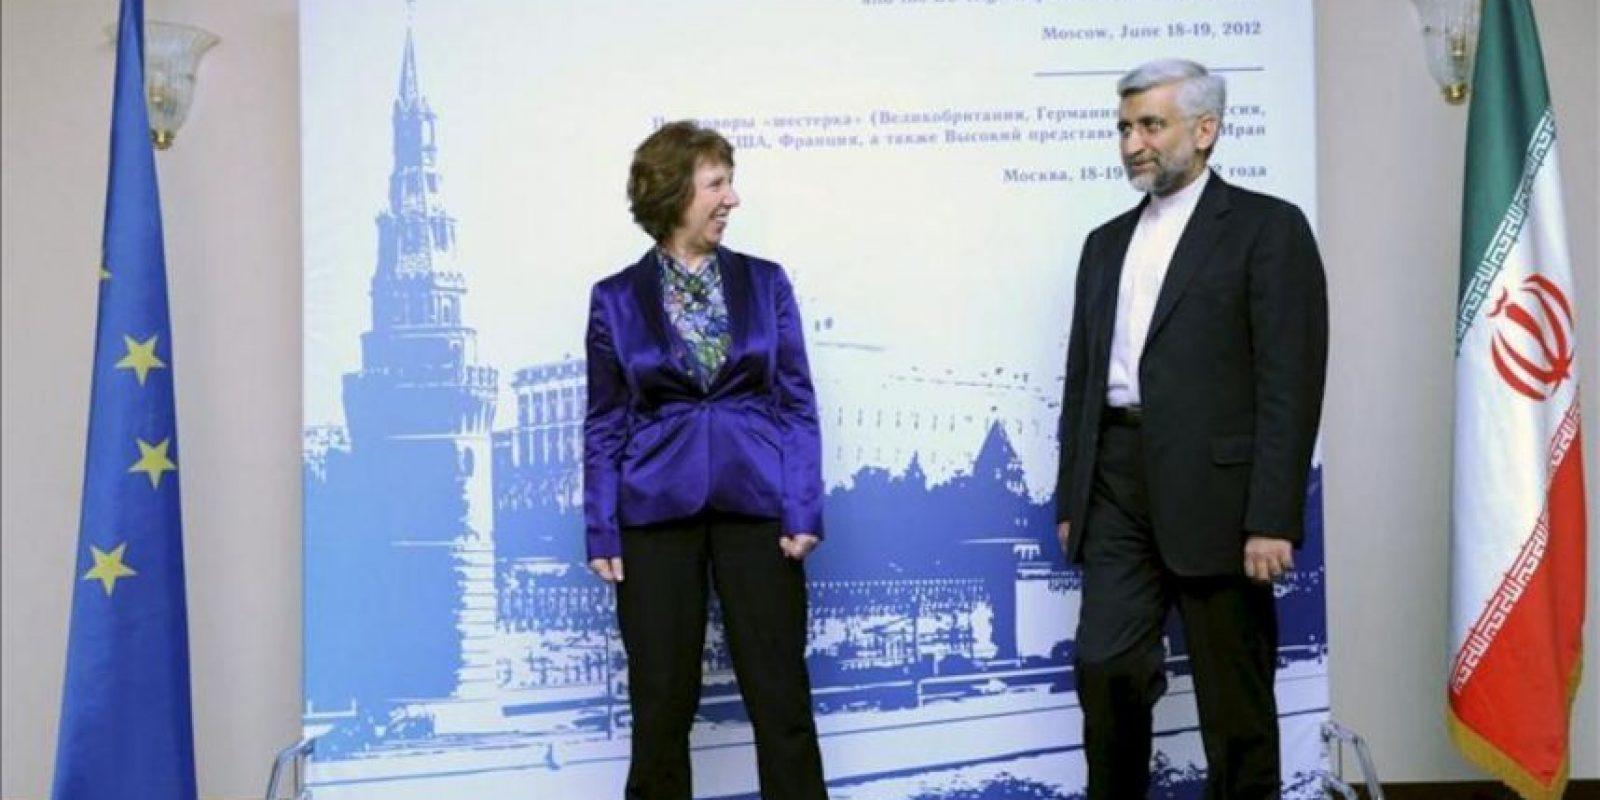 La jefa de la diplomacia europea, Catherine Ashton (izq), y el jefe negociador iraní de asuntos nucleares, Saeed Jalili (der), a su entrada al encuentro sobre el programa nuclear de Irán en Moscú, Rusia,. EFE